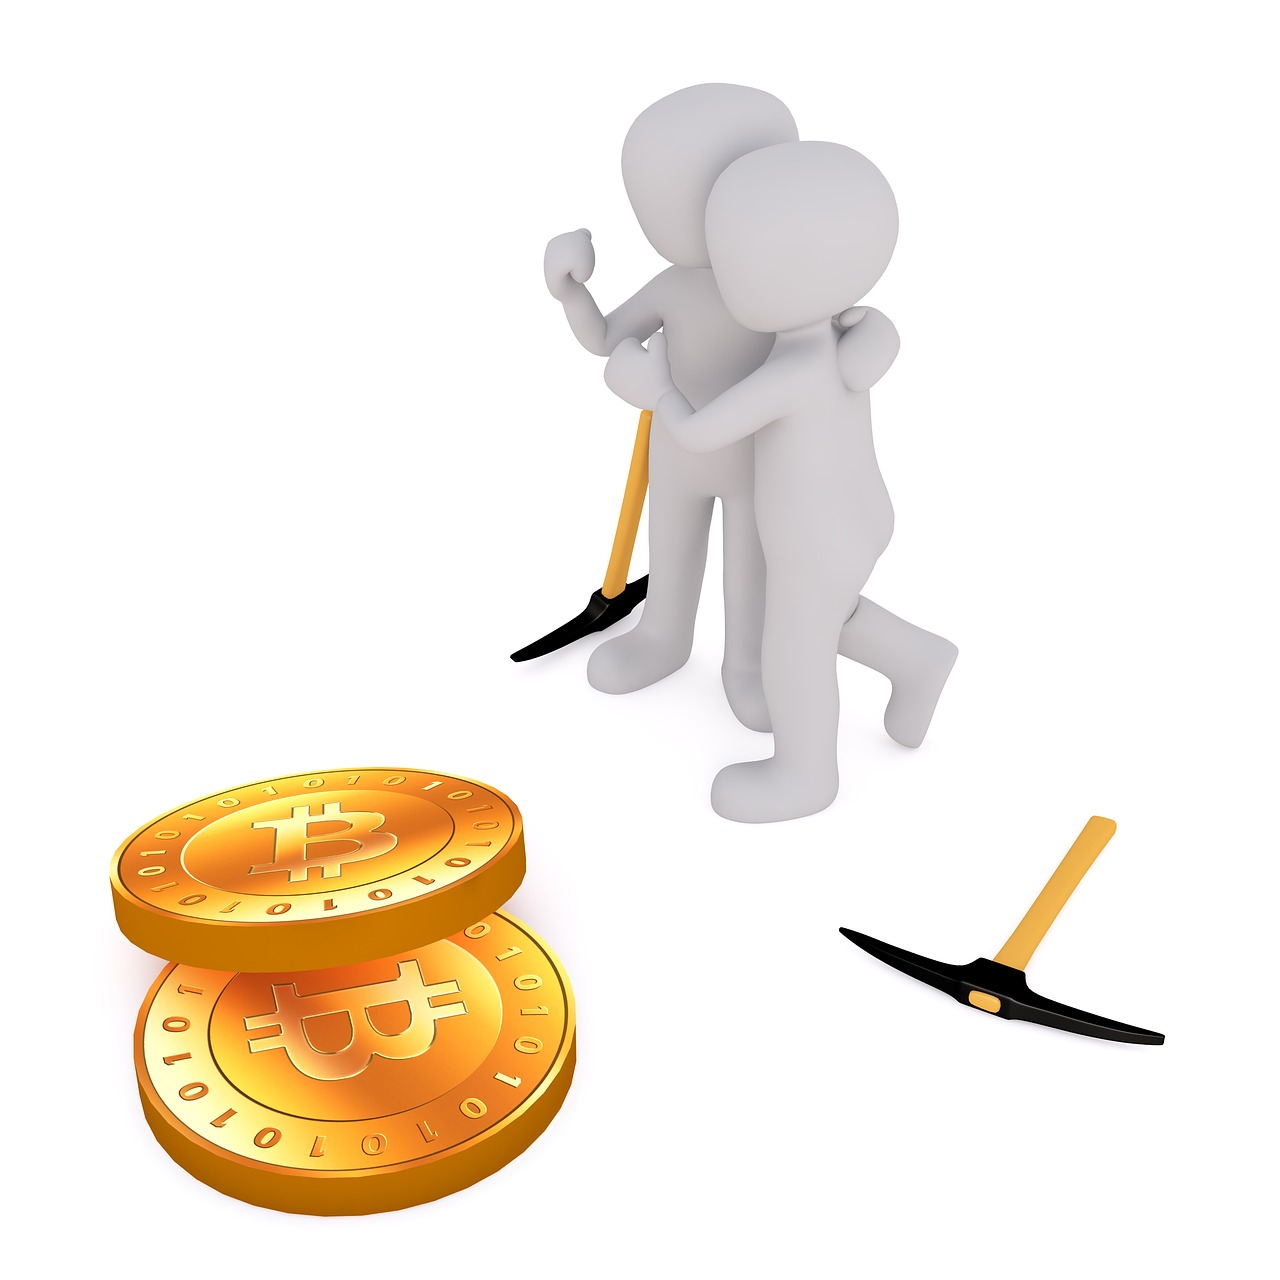 仮想通貨マイング 収益報告